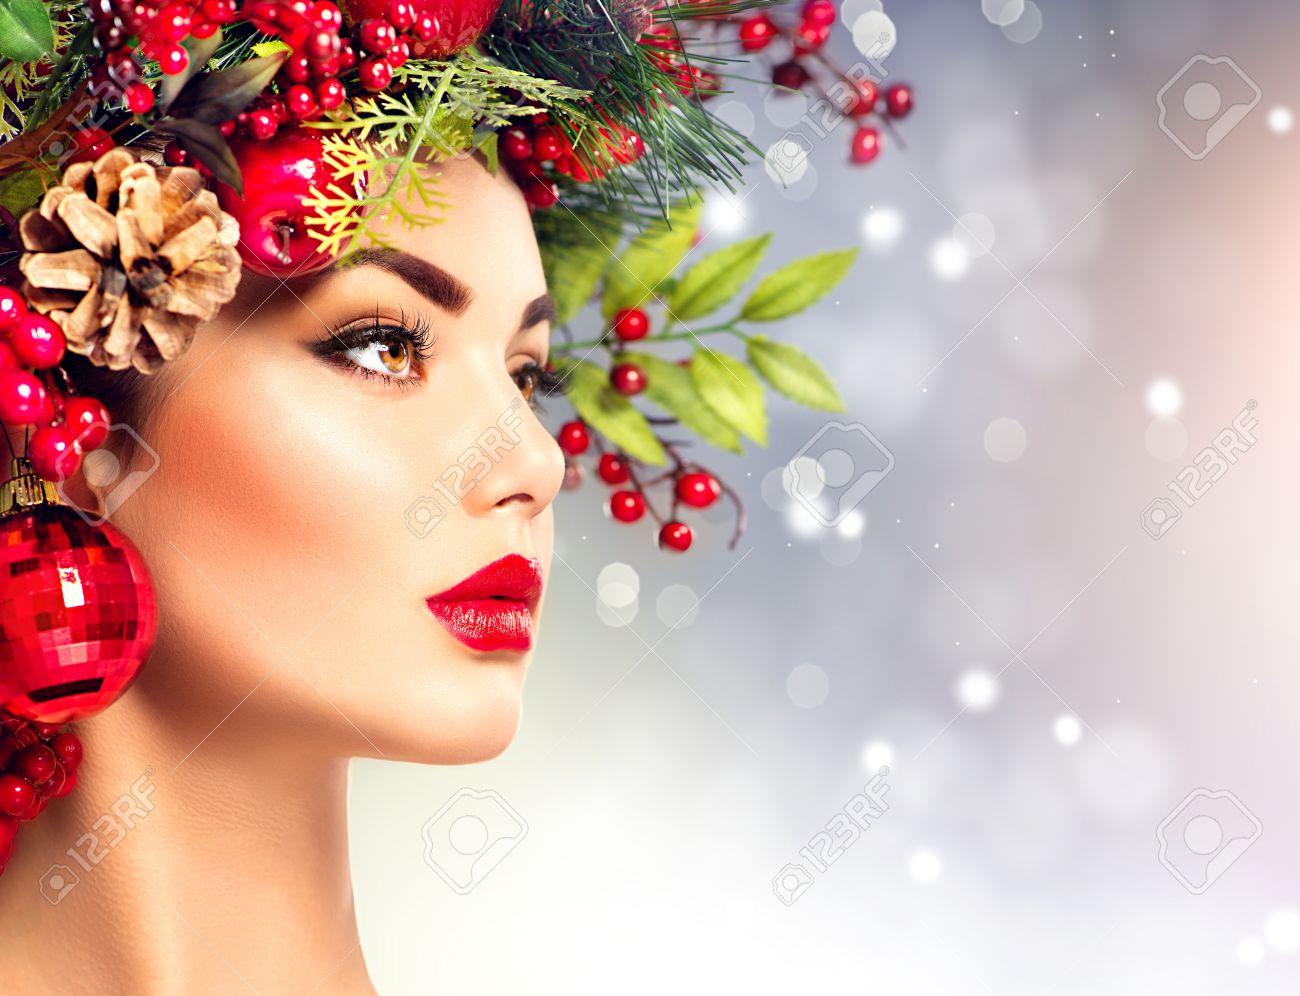 Foto de archivo , Mujer modelo de moda de Navidad. El peinado y el maquillaje de vacaciones